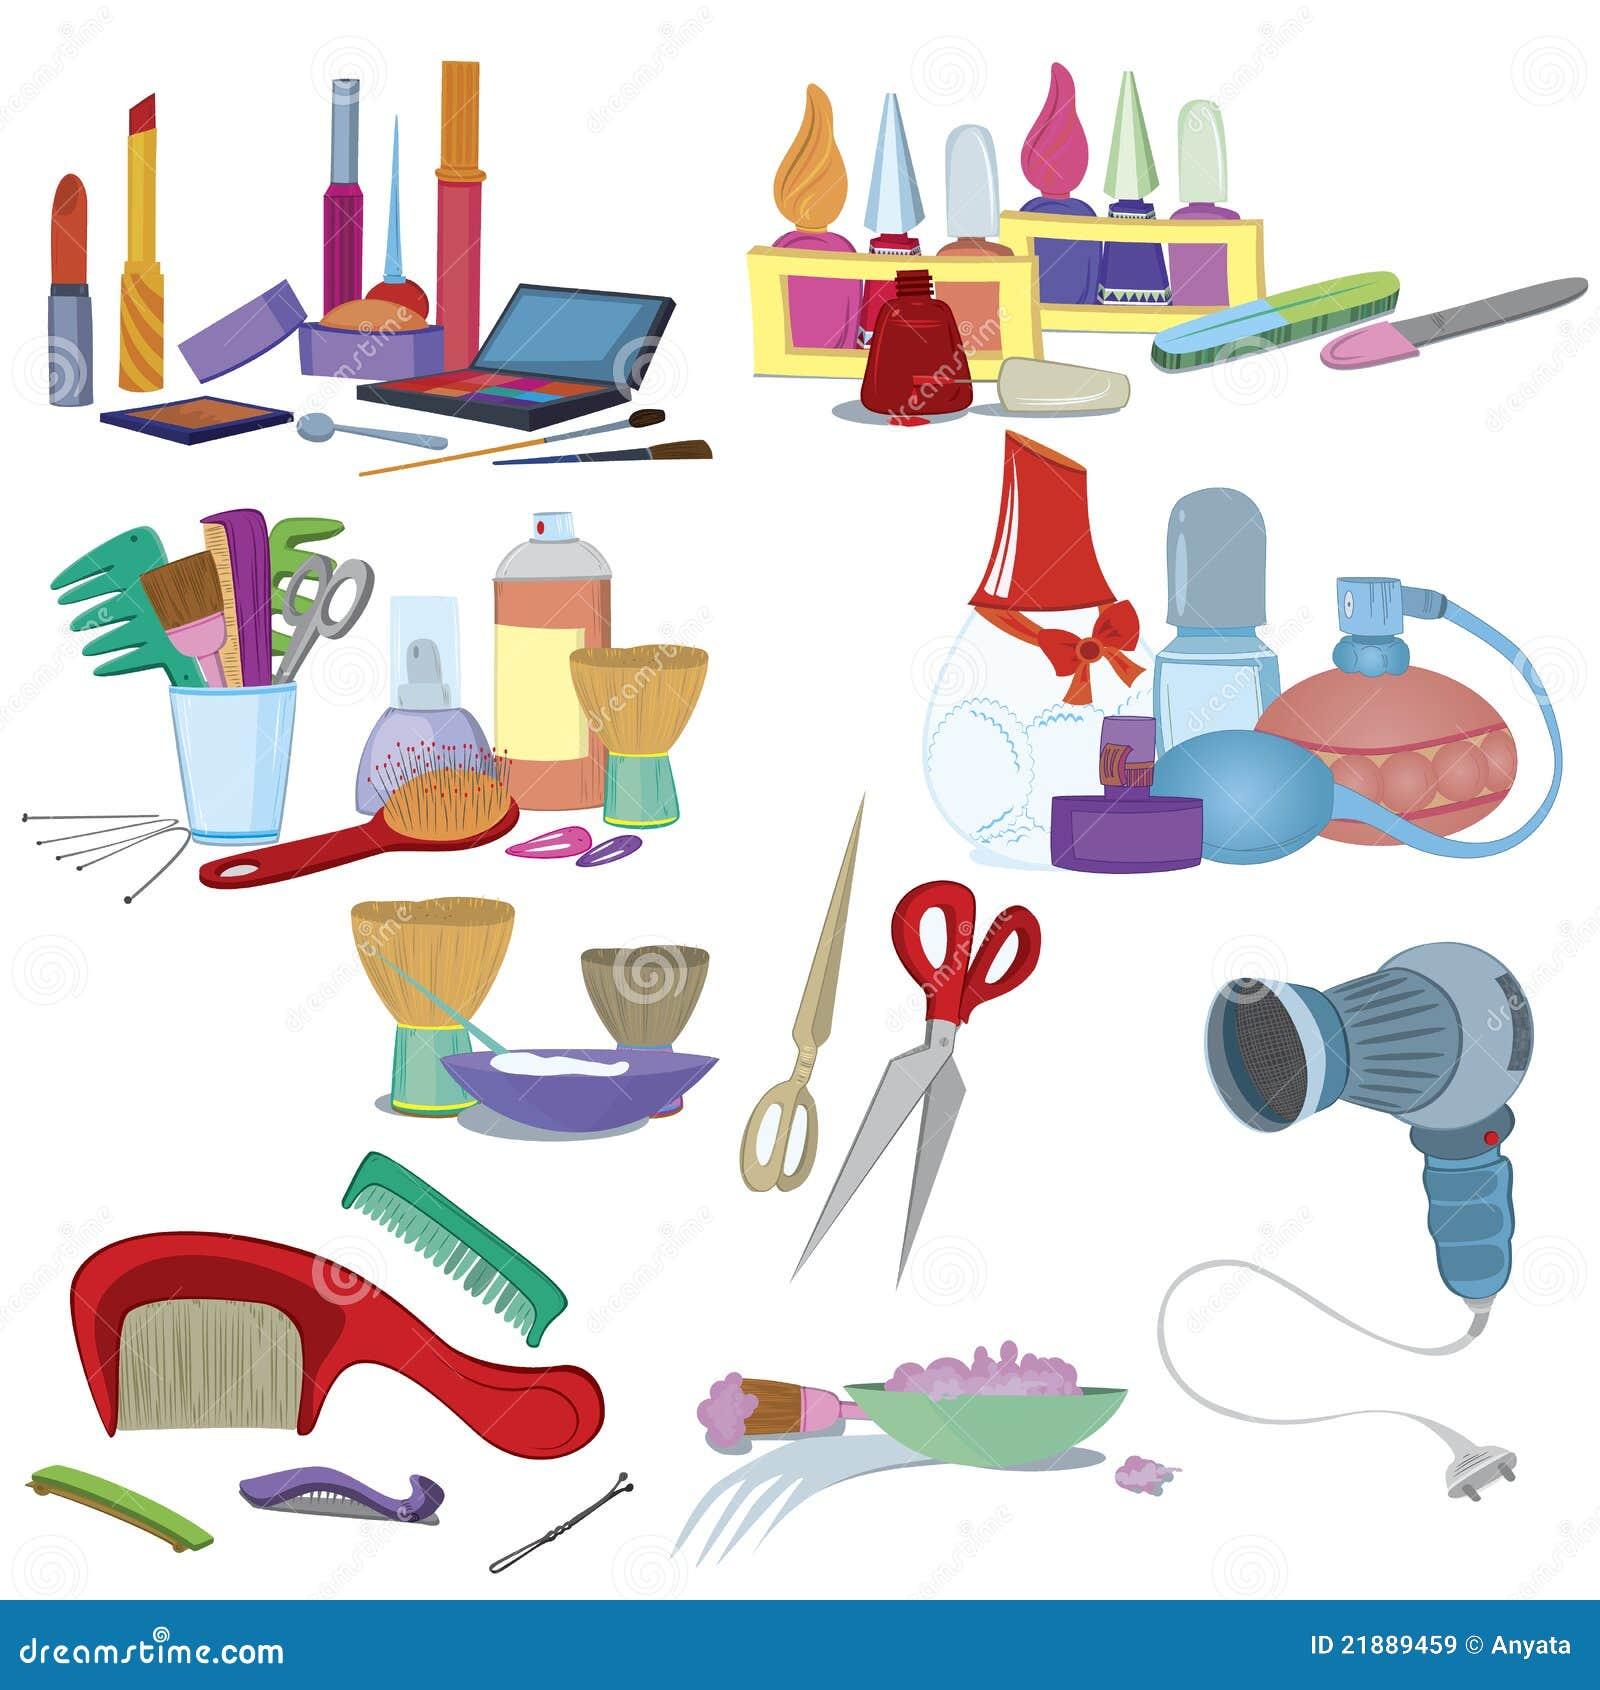 Make up brush icon vector illustration for Accesorios para salon de belleza